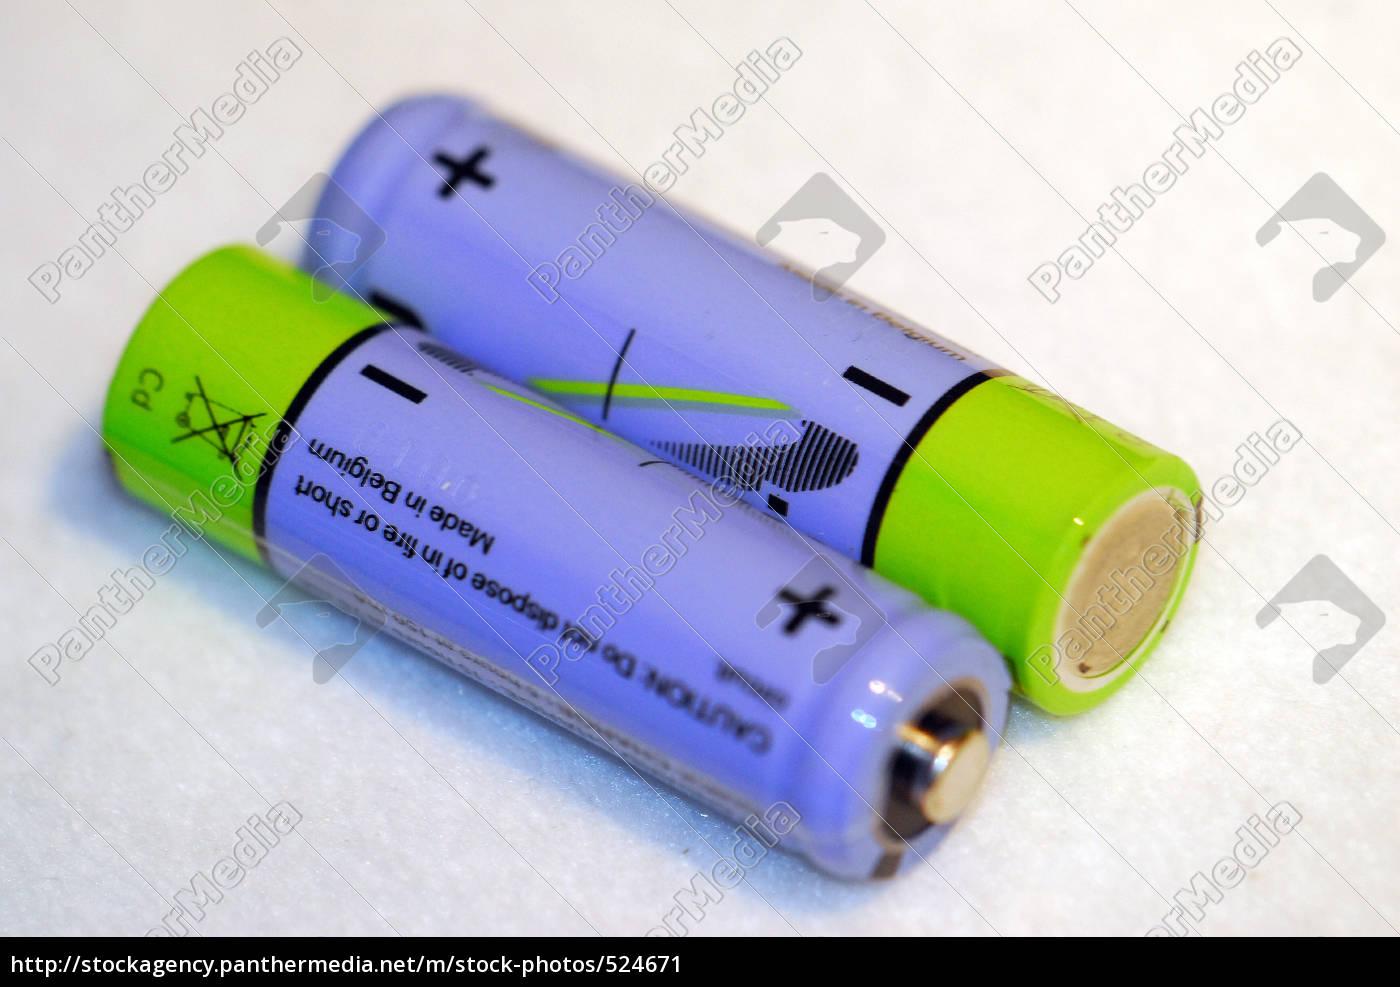 batteries, blue-green - 524671